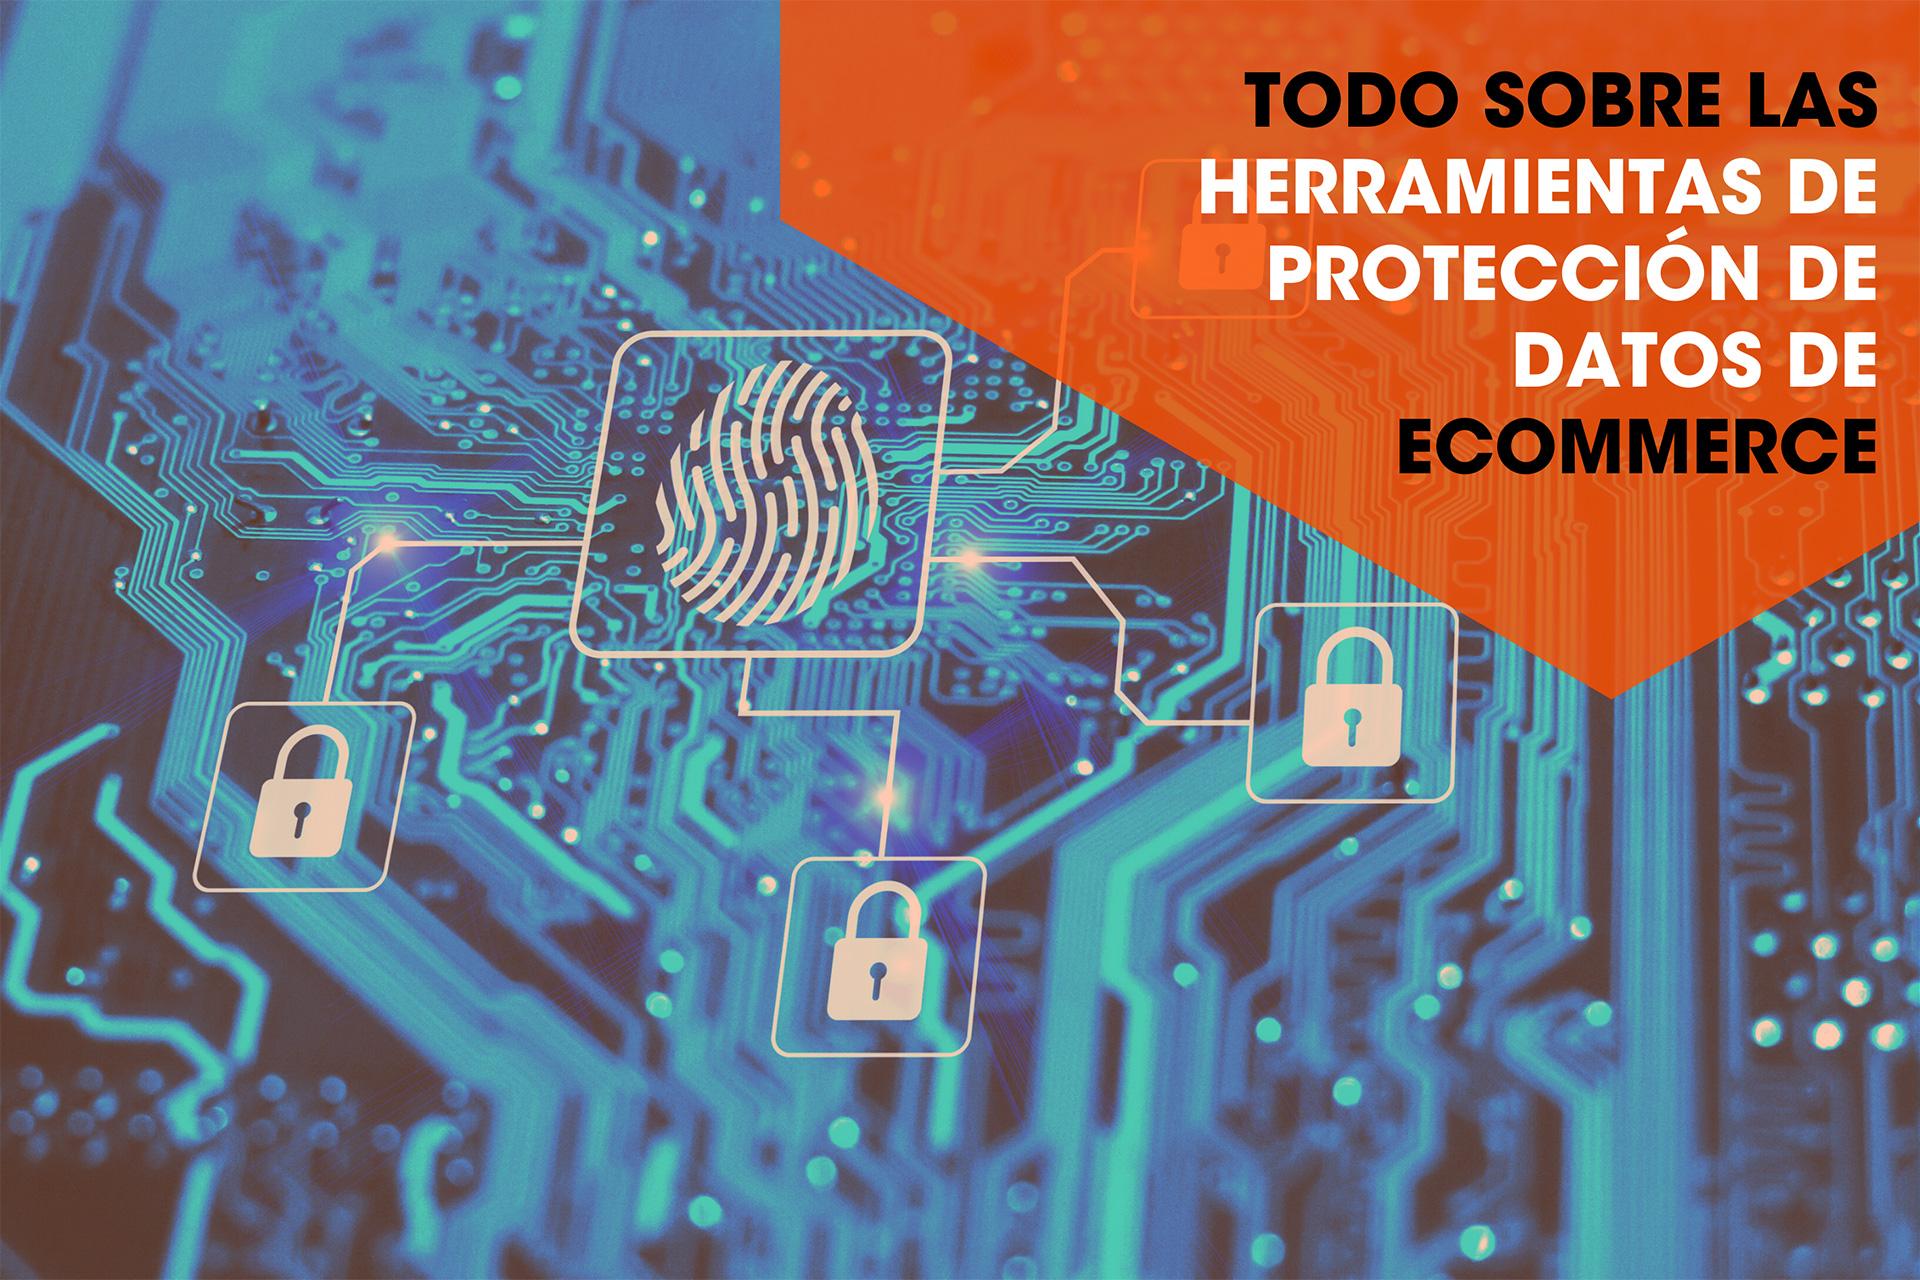 Todo sobre las herramientas de protección de datos para eCommerce